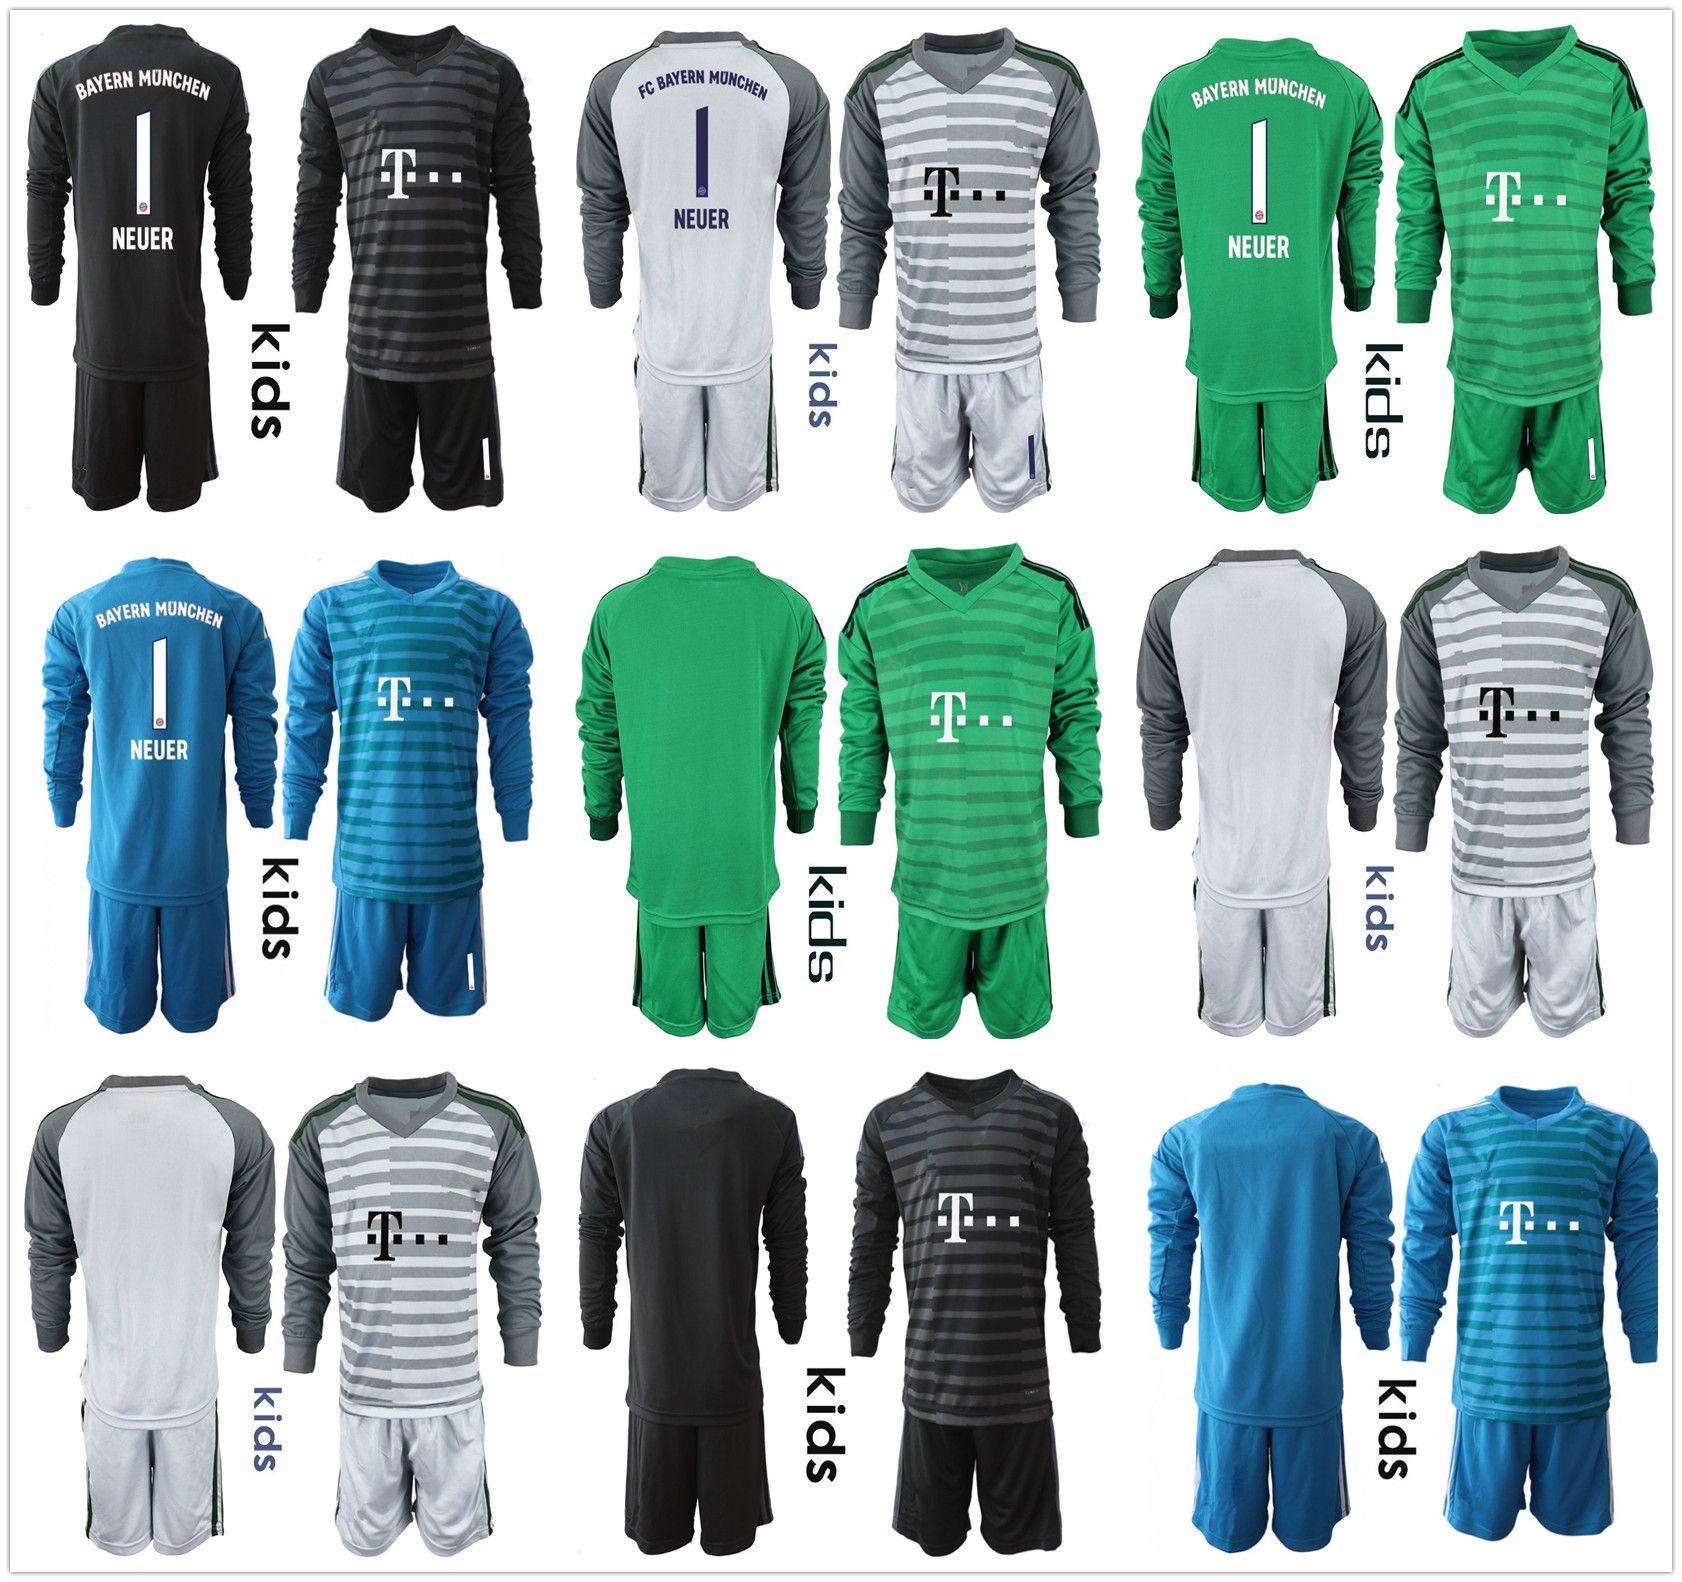 c10bd3c3ce8 2019 2018 19 Long Sleeve Kids Youth NEUER Goalkeeper Jersey Kid Kit Soccer  Sets  1 Manuel Neuer  26 Ulreich Boys Goalie Football Children Uniform From  ...